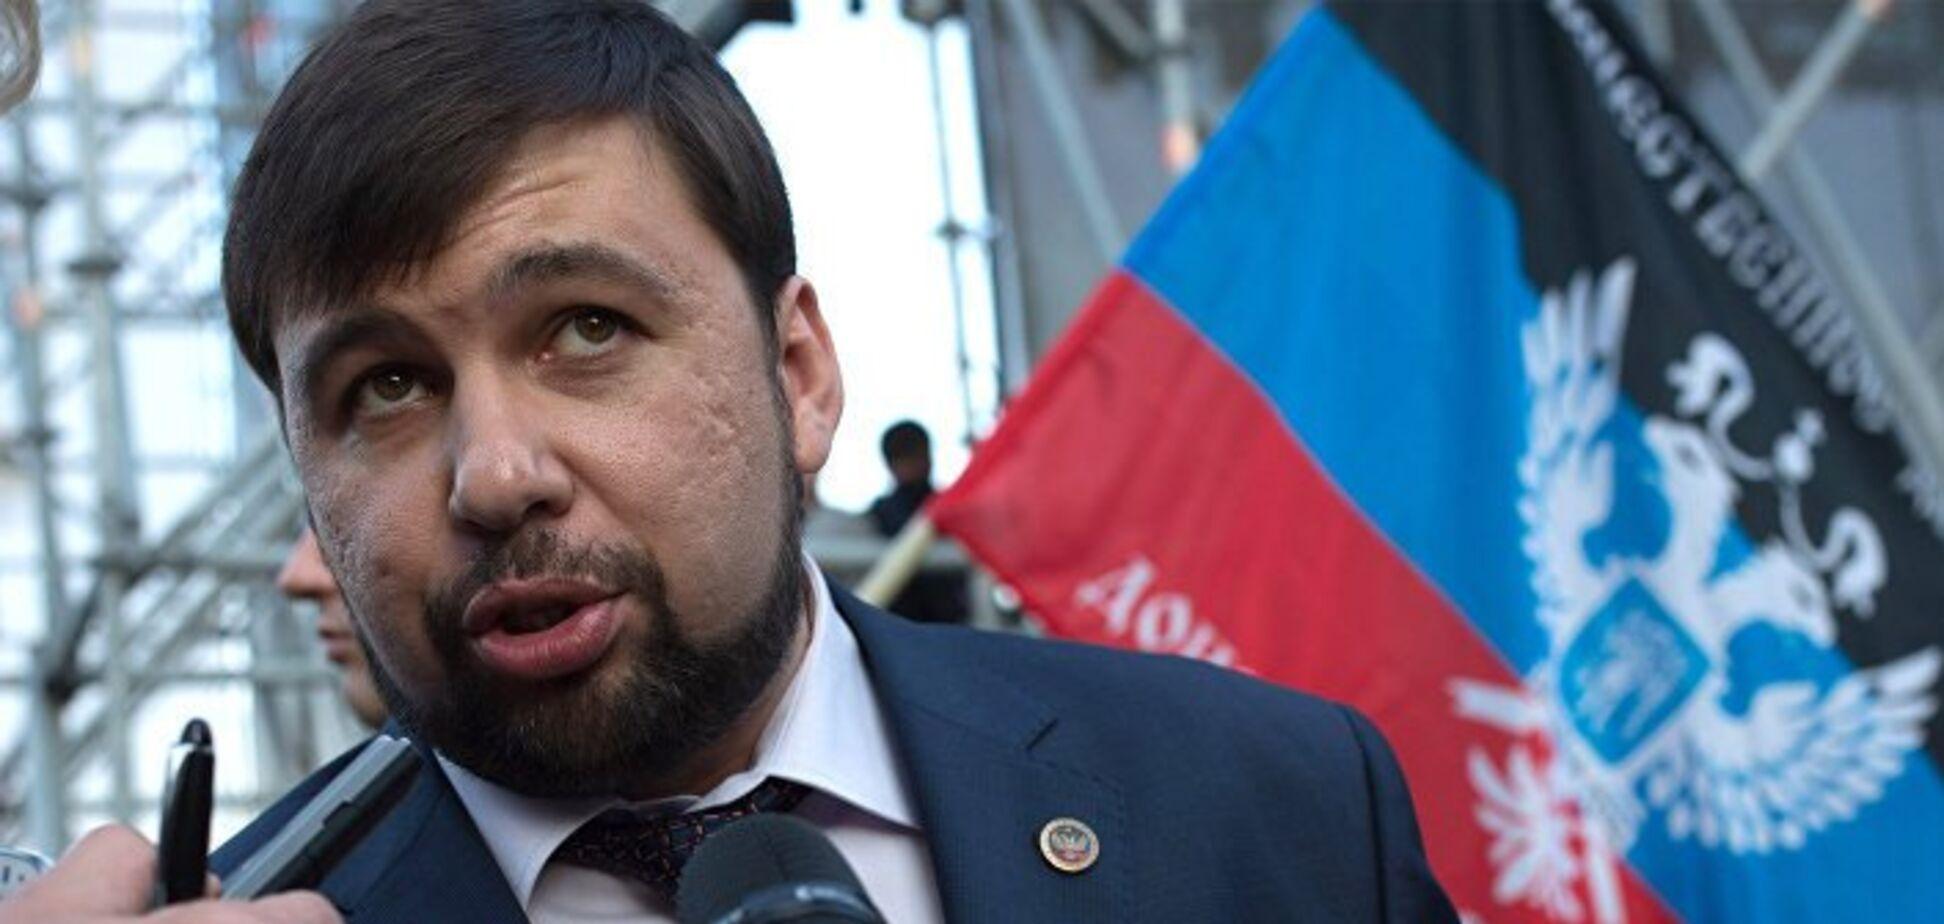 'Зеленский не способен': главарь 'ДНР' внезапно заговорил о мире